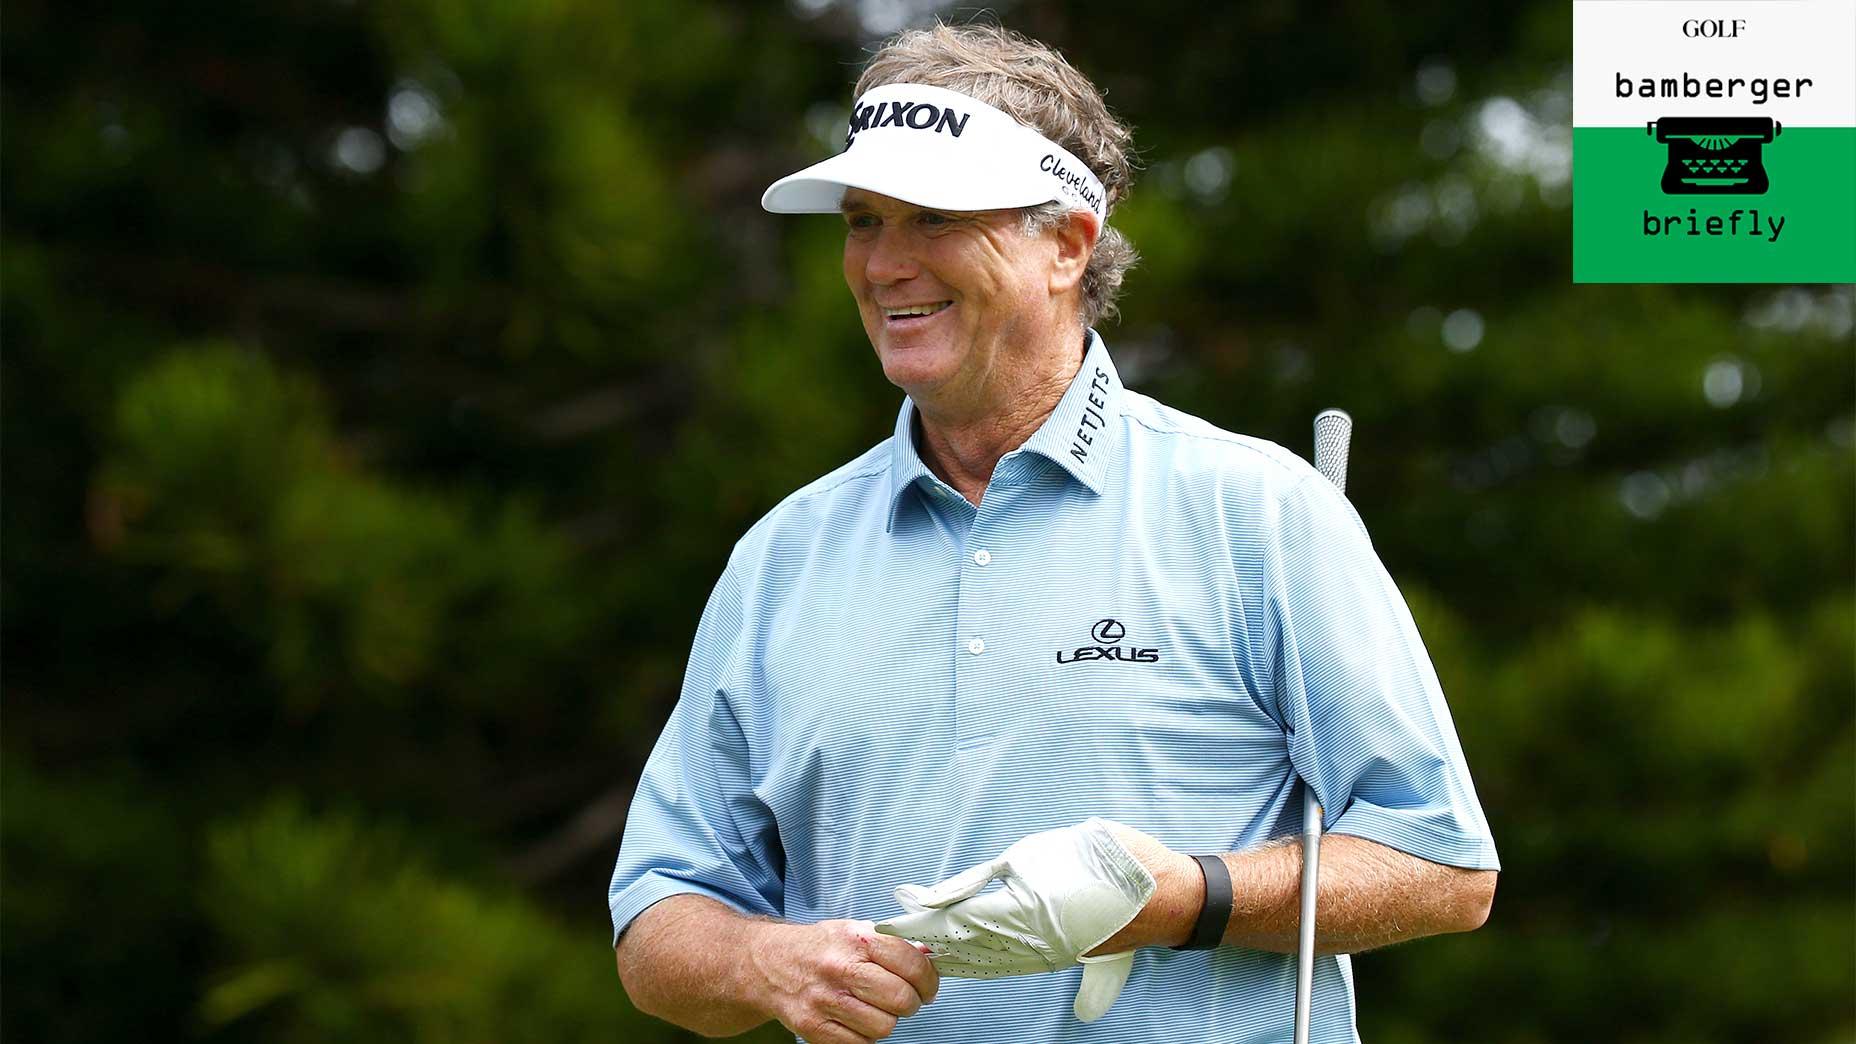 Peter Jacobsen smiles in 2016